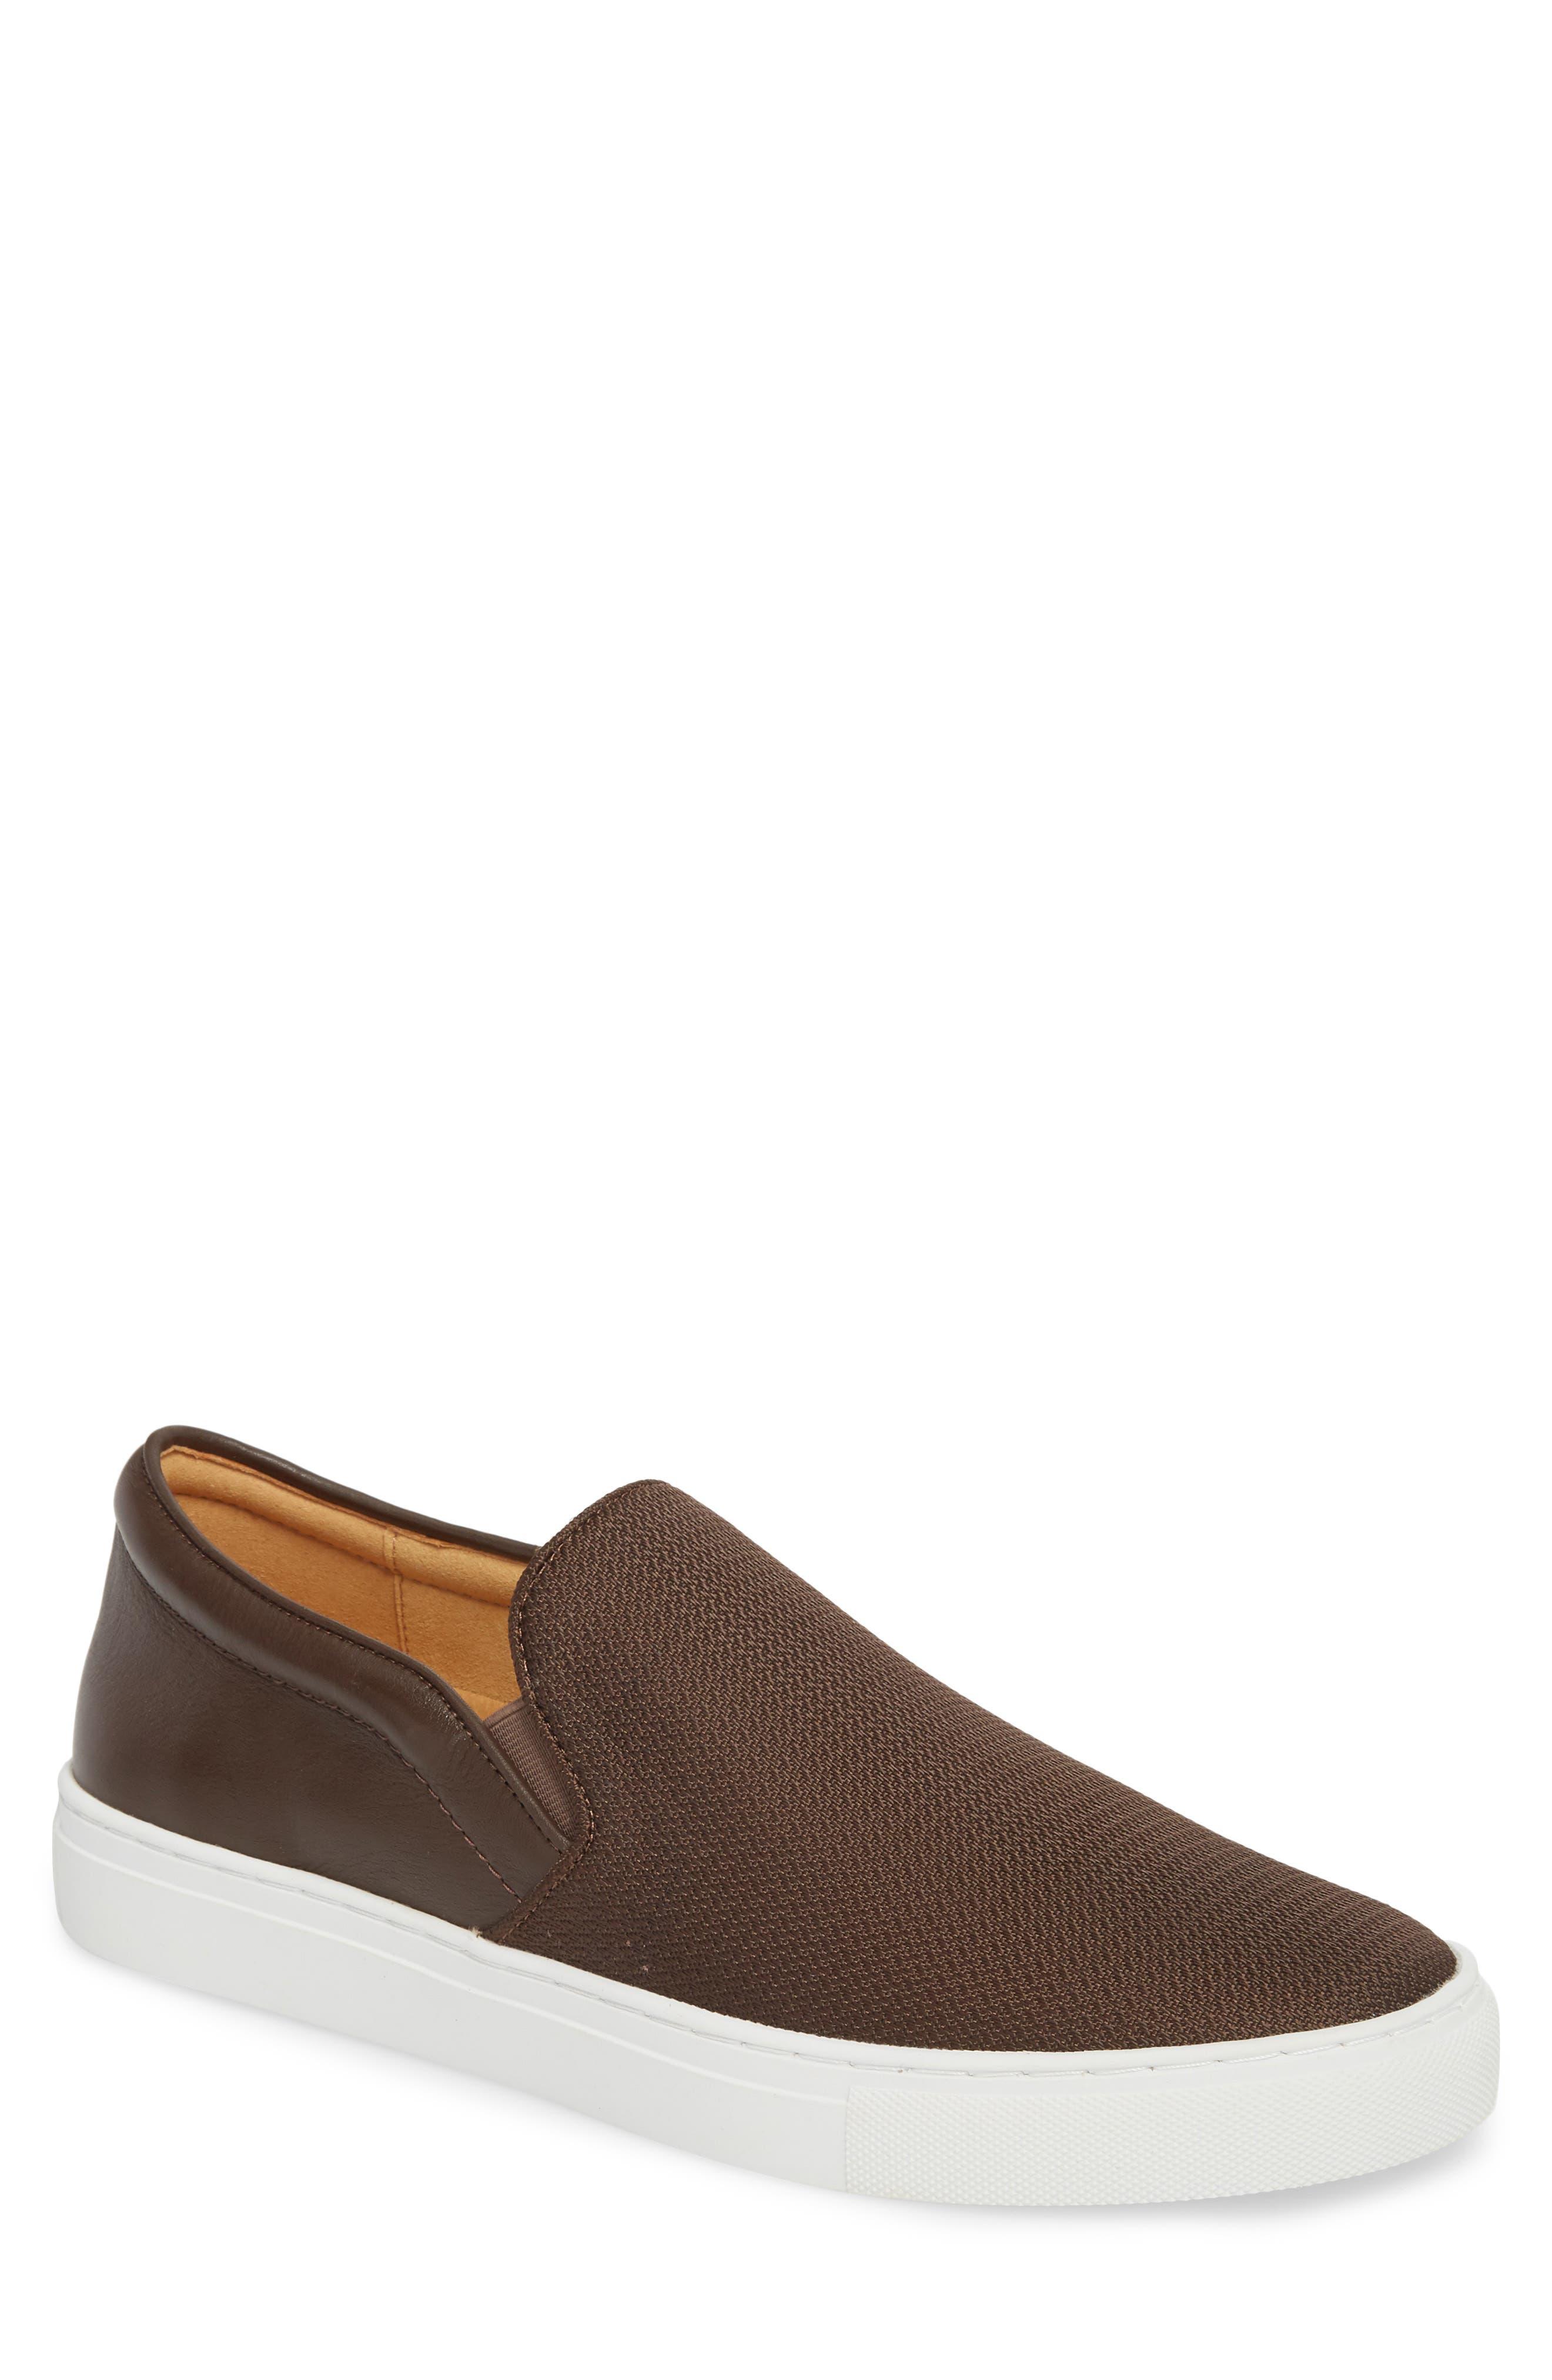 Albin Raffia Slip-On Sneaker,                             Main thumbnail 1, color,                             Espresso